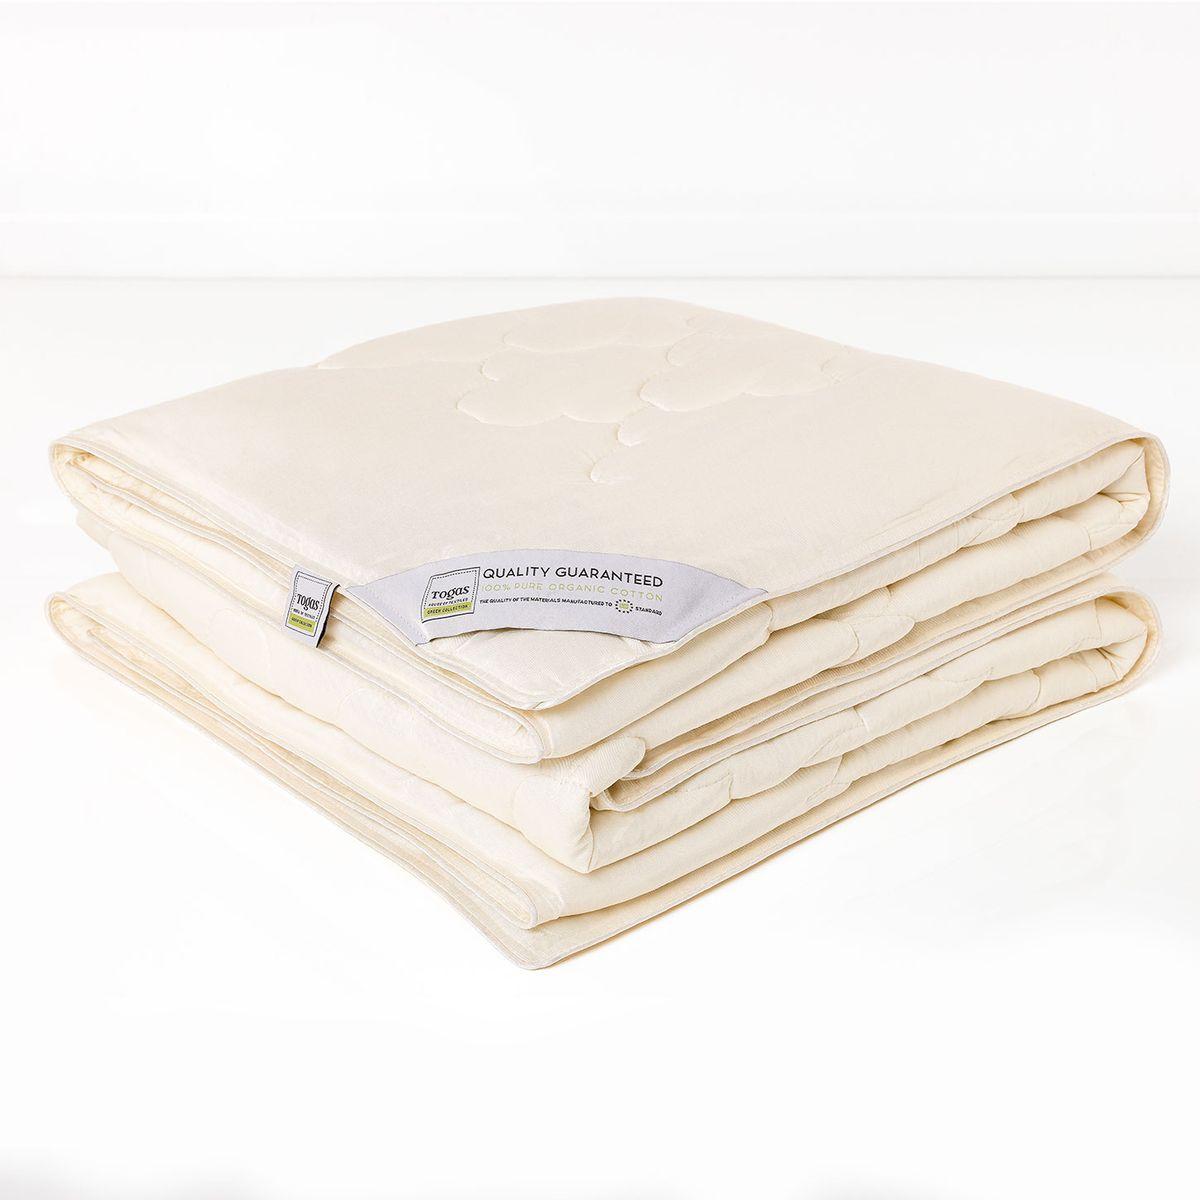 Одеяло Togas, наполнитель: хлопок, цвет: экрю, 200 х 210 см10503Одеяло Togas создаст комфортные условия для сна благодаря уникальным природным свойствам бамбука. Бамбуковое волокно мягкое и приятное на ощупь, по виду напоминает шелк и кашемир. В качестве наполнителя использован натуральный хлопок - высокопрочный, самый популярный в мире натуральный материал, известный своими впитывающими и терморегулирующими свойствами. Это одеяло поистине совершенно, ведь в нем объединились новейшие технологии, и безграничная сила природы…Одеяло из бамбукового волокна очень практично - за ним несложно ухаживать в домашних условиях.